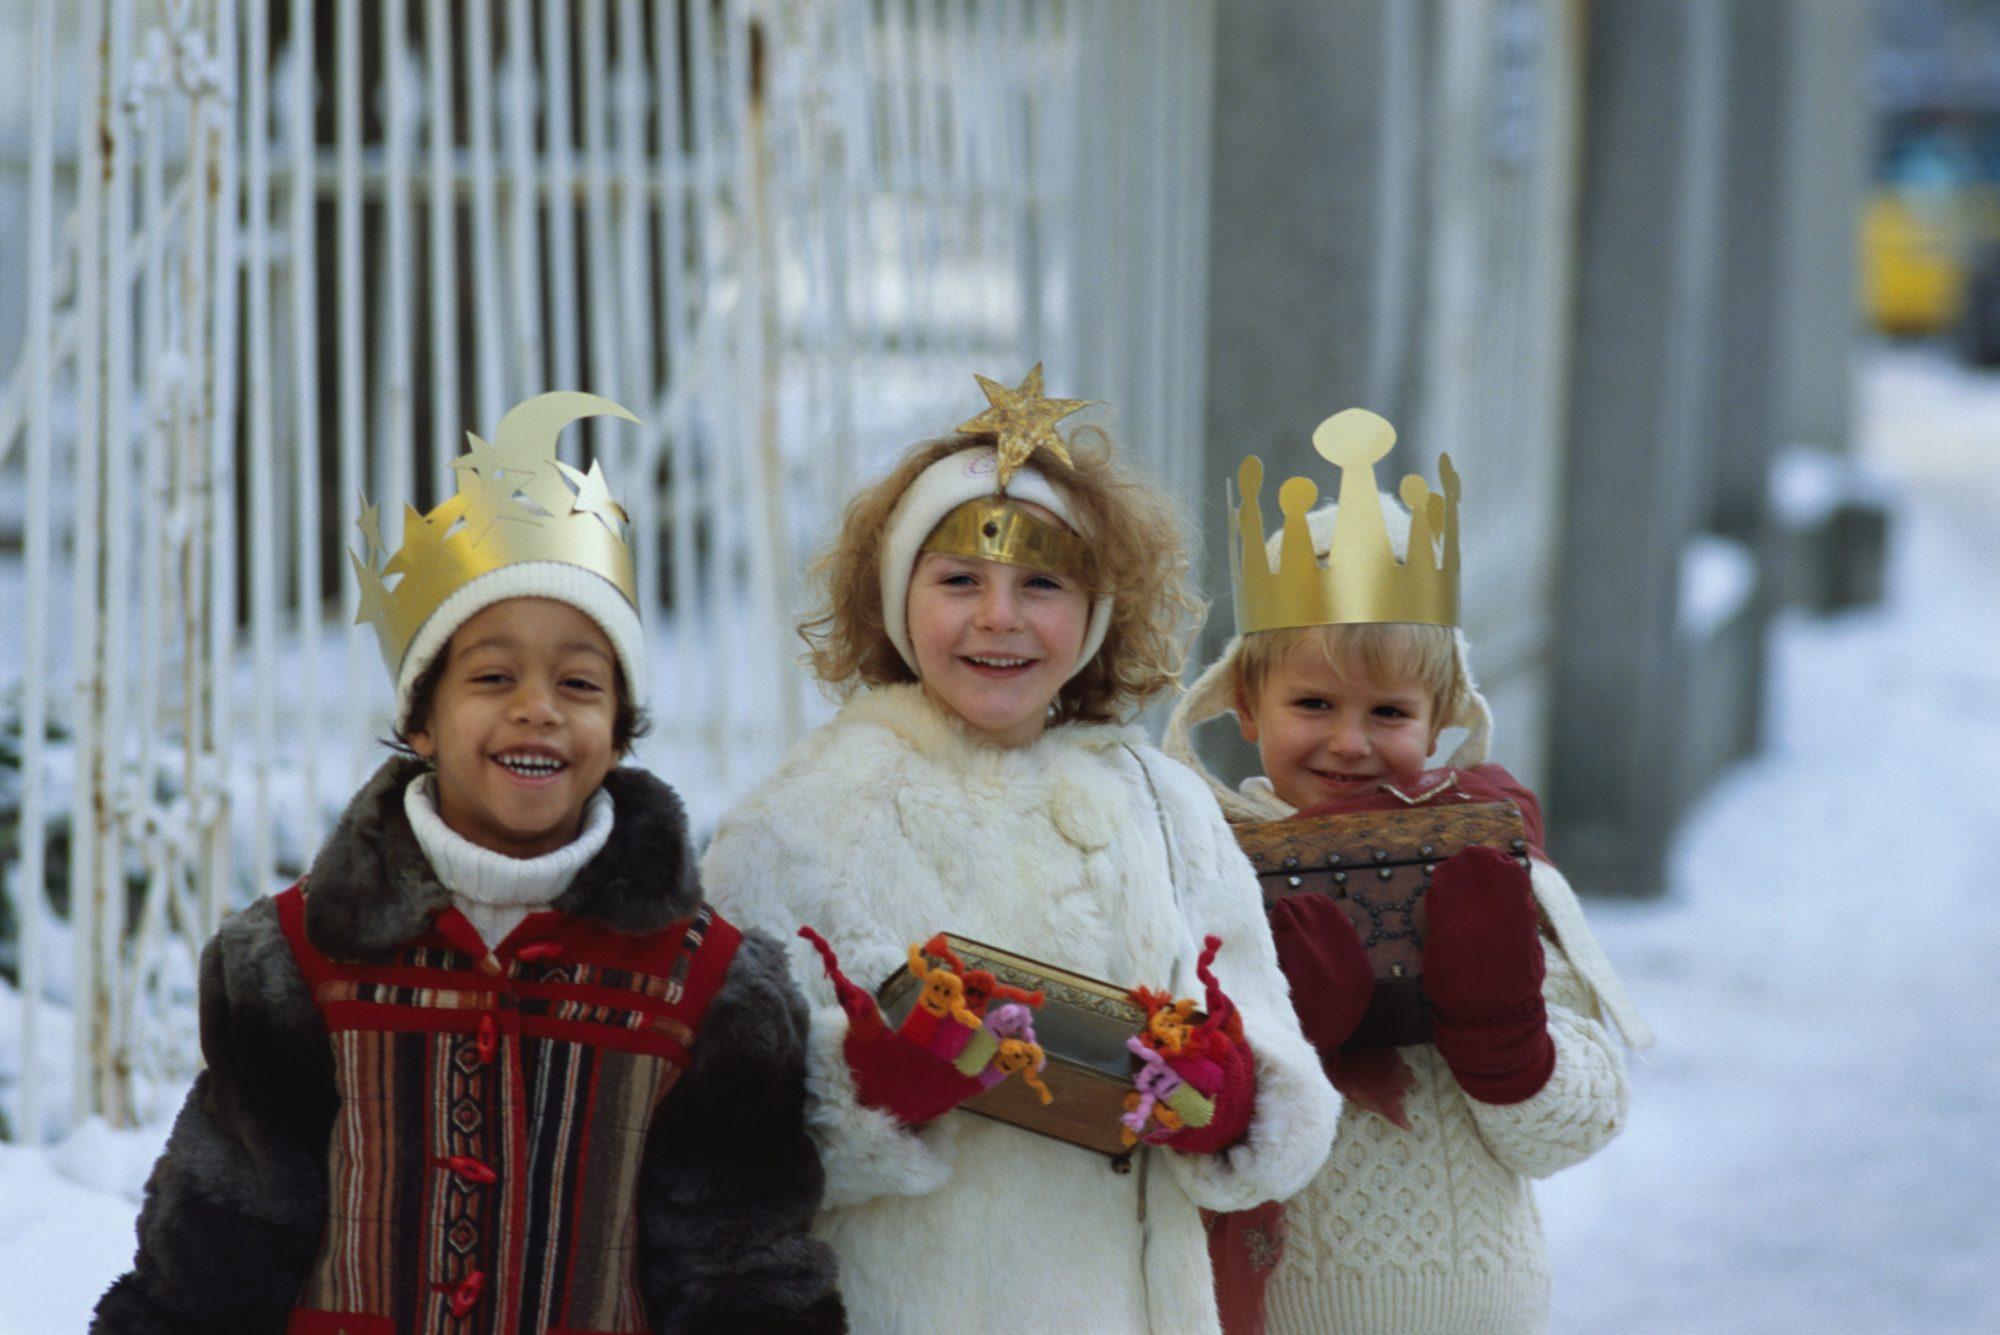 Niños vestidos de Reyes Magos